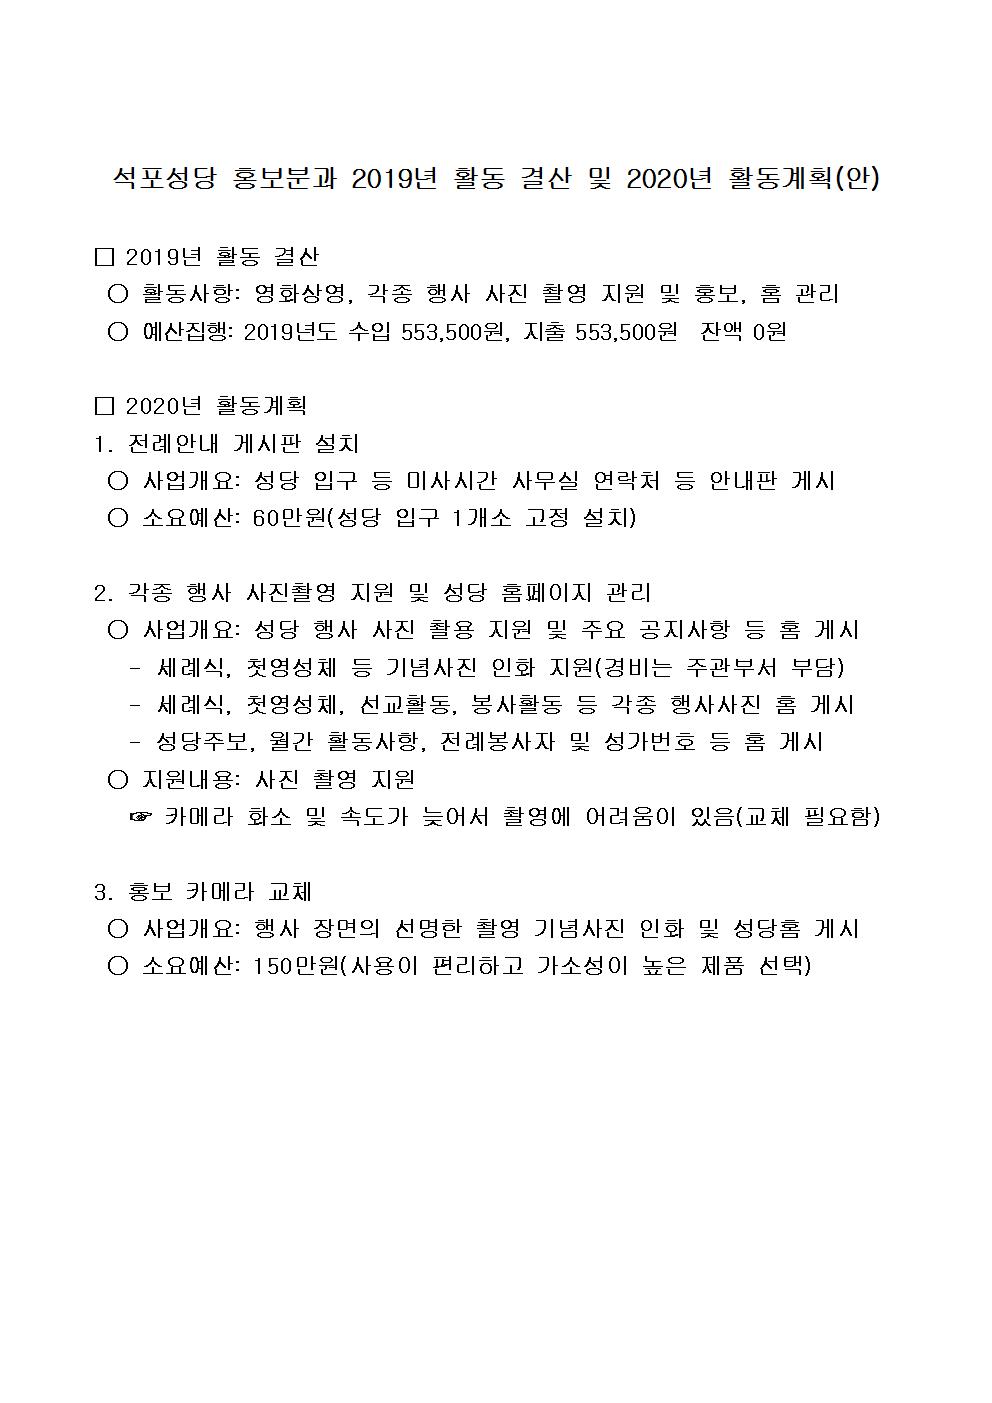 석포성당 홍보분과 2019년 활동 결산 및 2020년 활동계획006.png